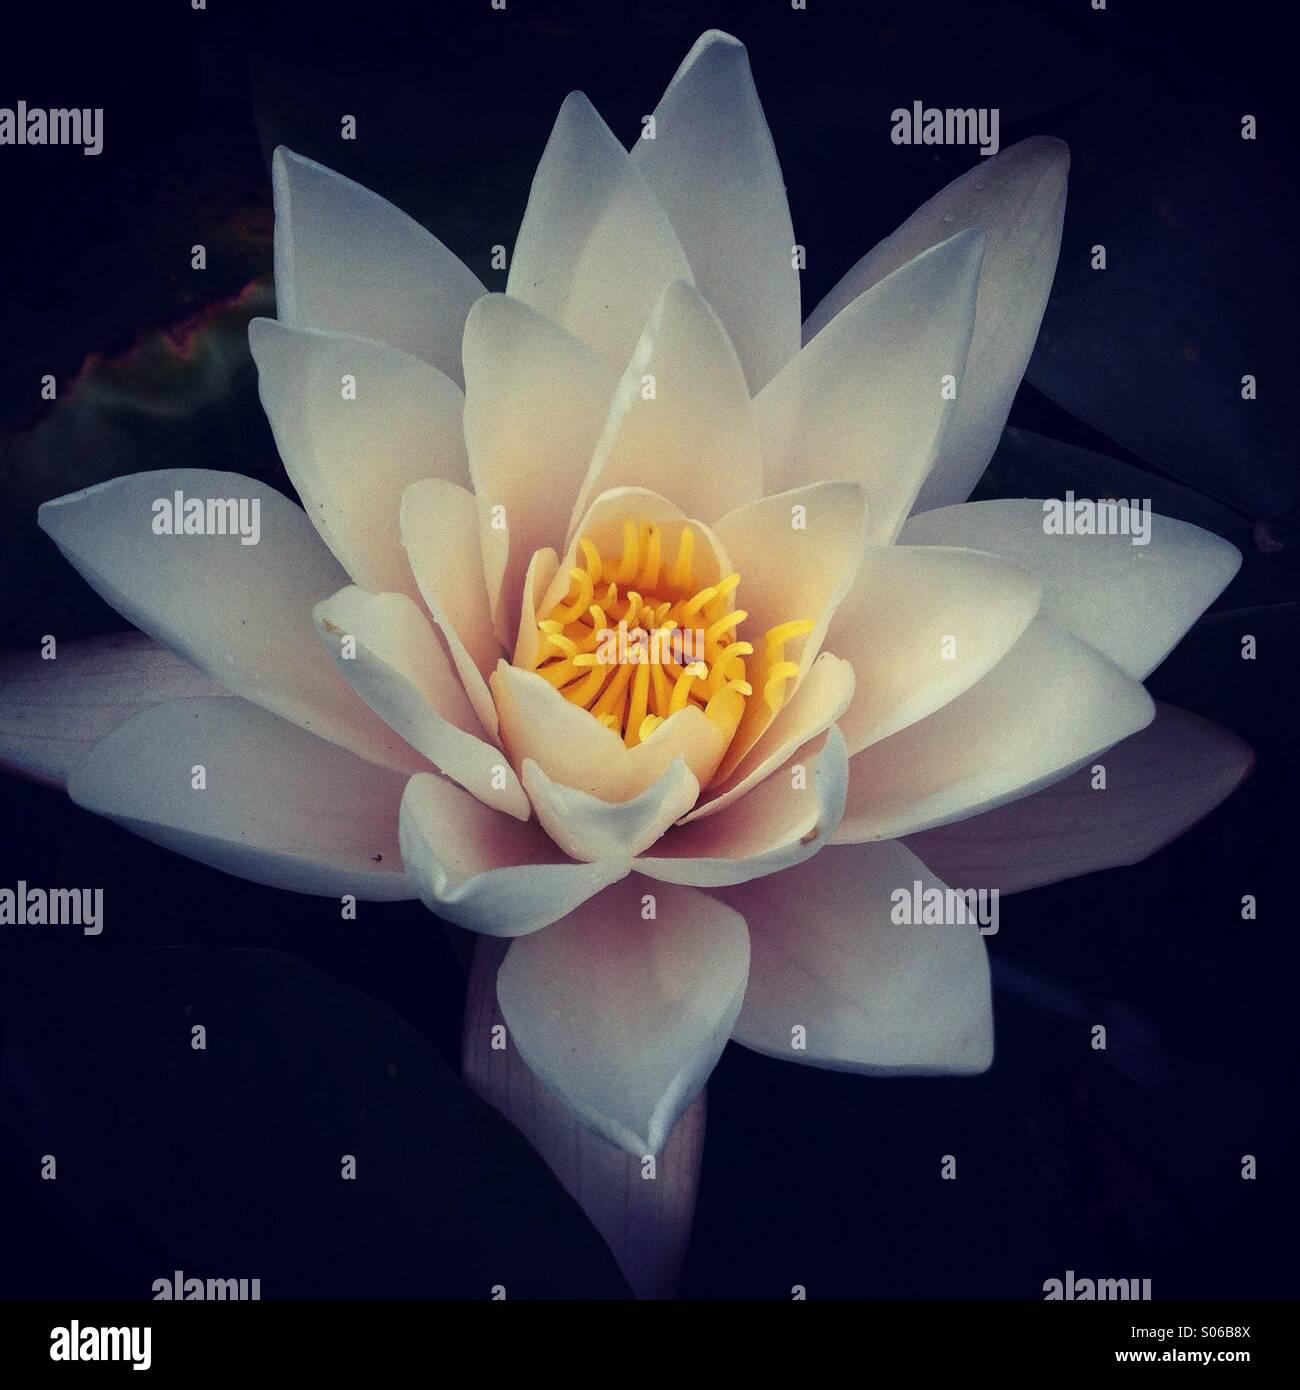 Un giglio di acqua fiore si apre in tarda serata sole. Immagini Stock